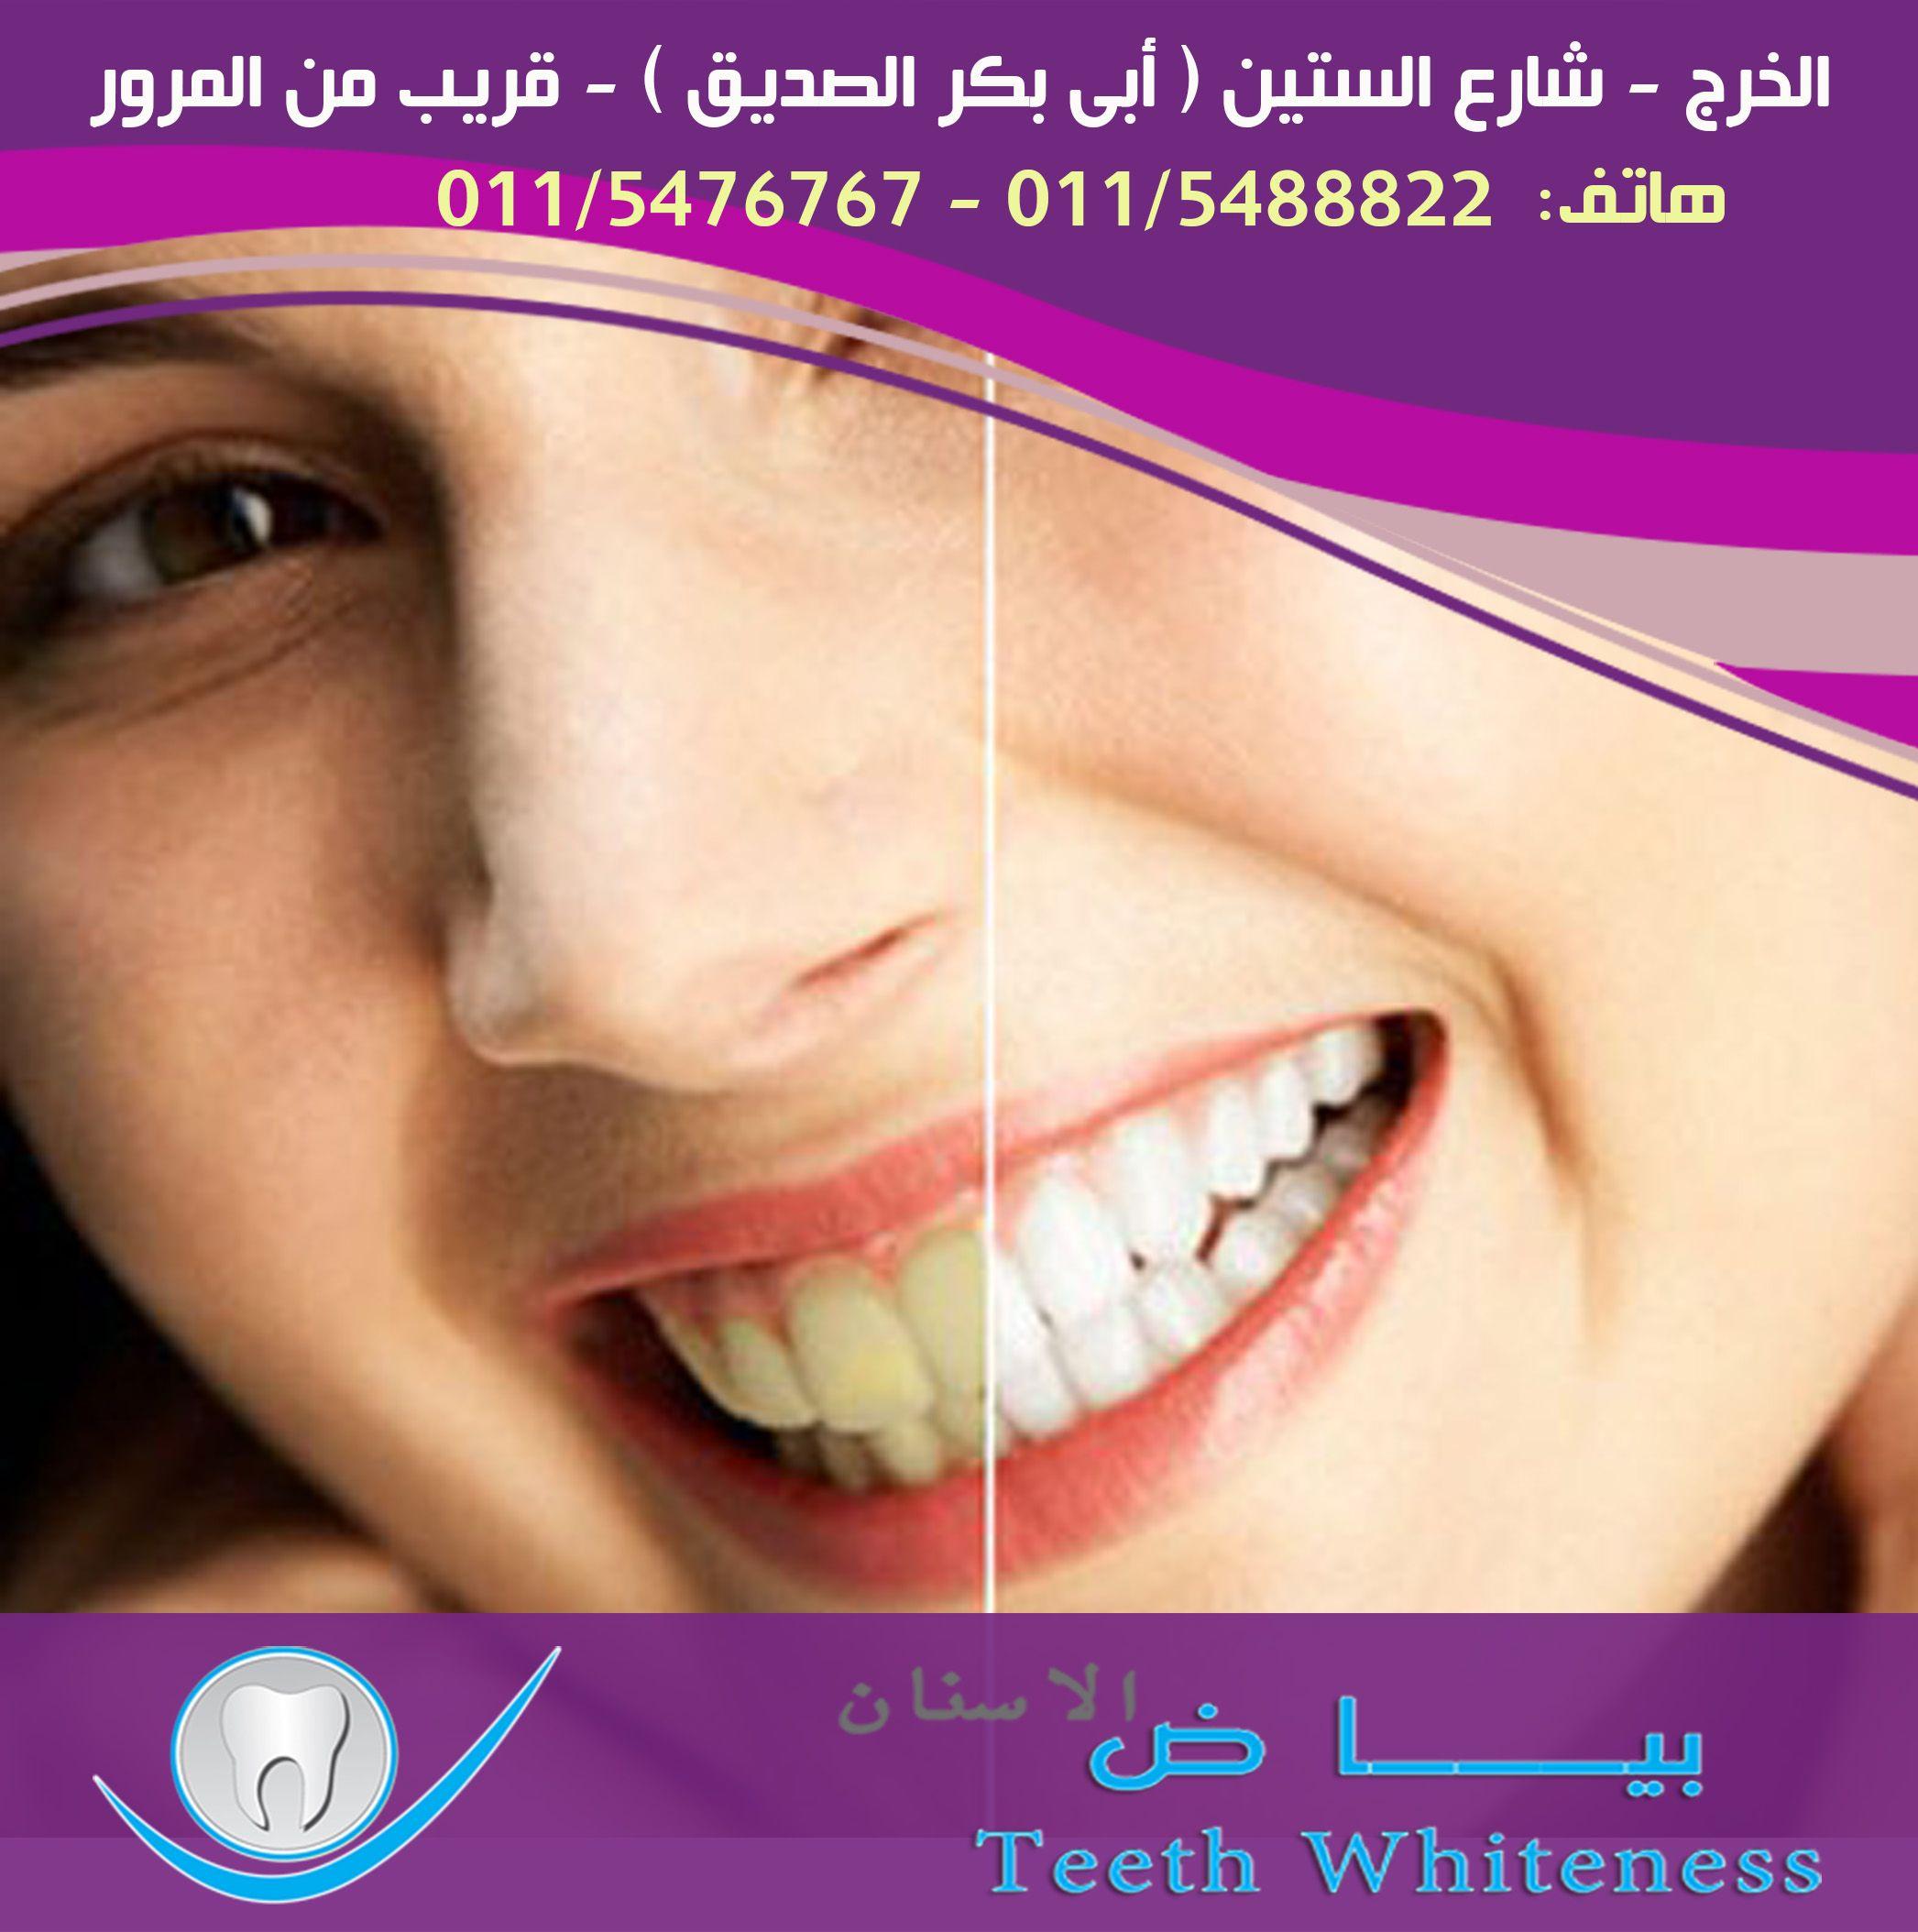 تسوس الاسنان يكشف الجذور التسوس يكشف عن جذور الاسنان ويعرضها لتاثيرات سلسلة من العوامل المؤلمة مثل البرد الحرارة الحلويات وحتى الهواء لمنع تسوس Teeth Nils